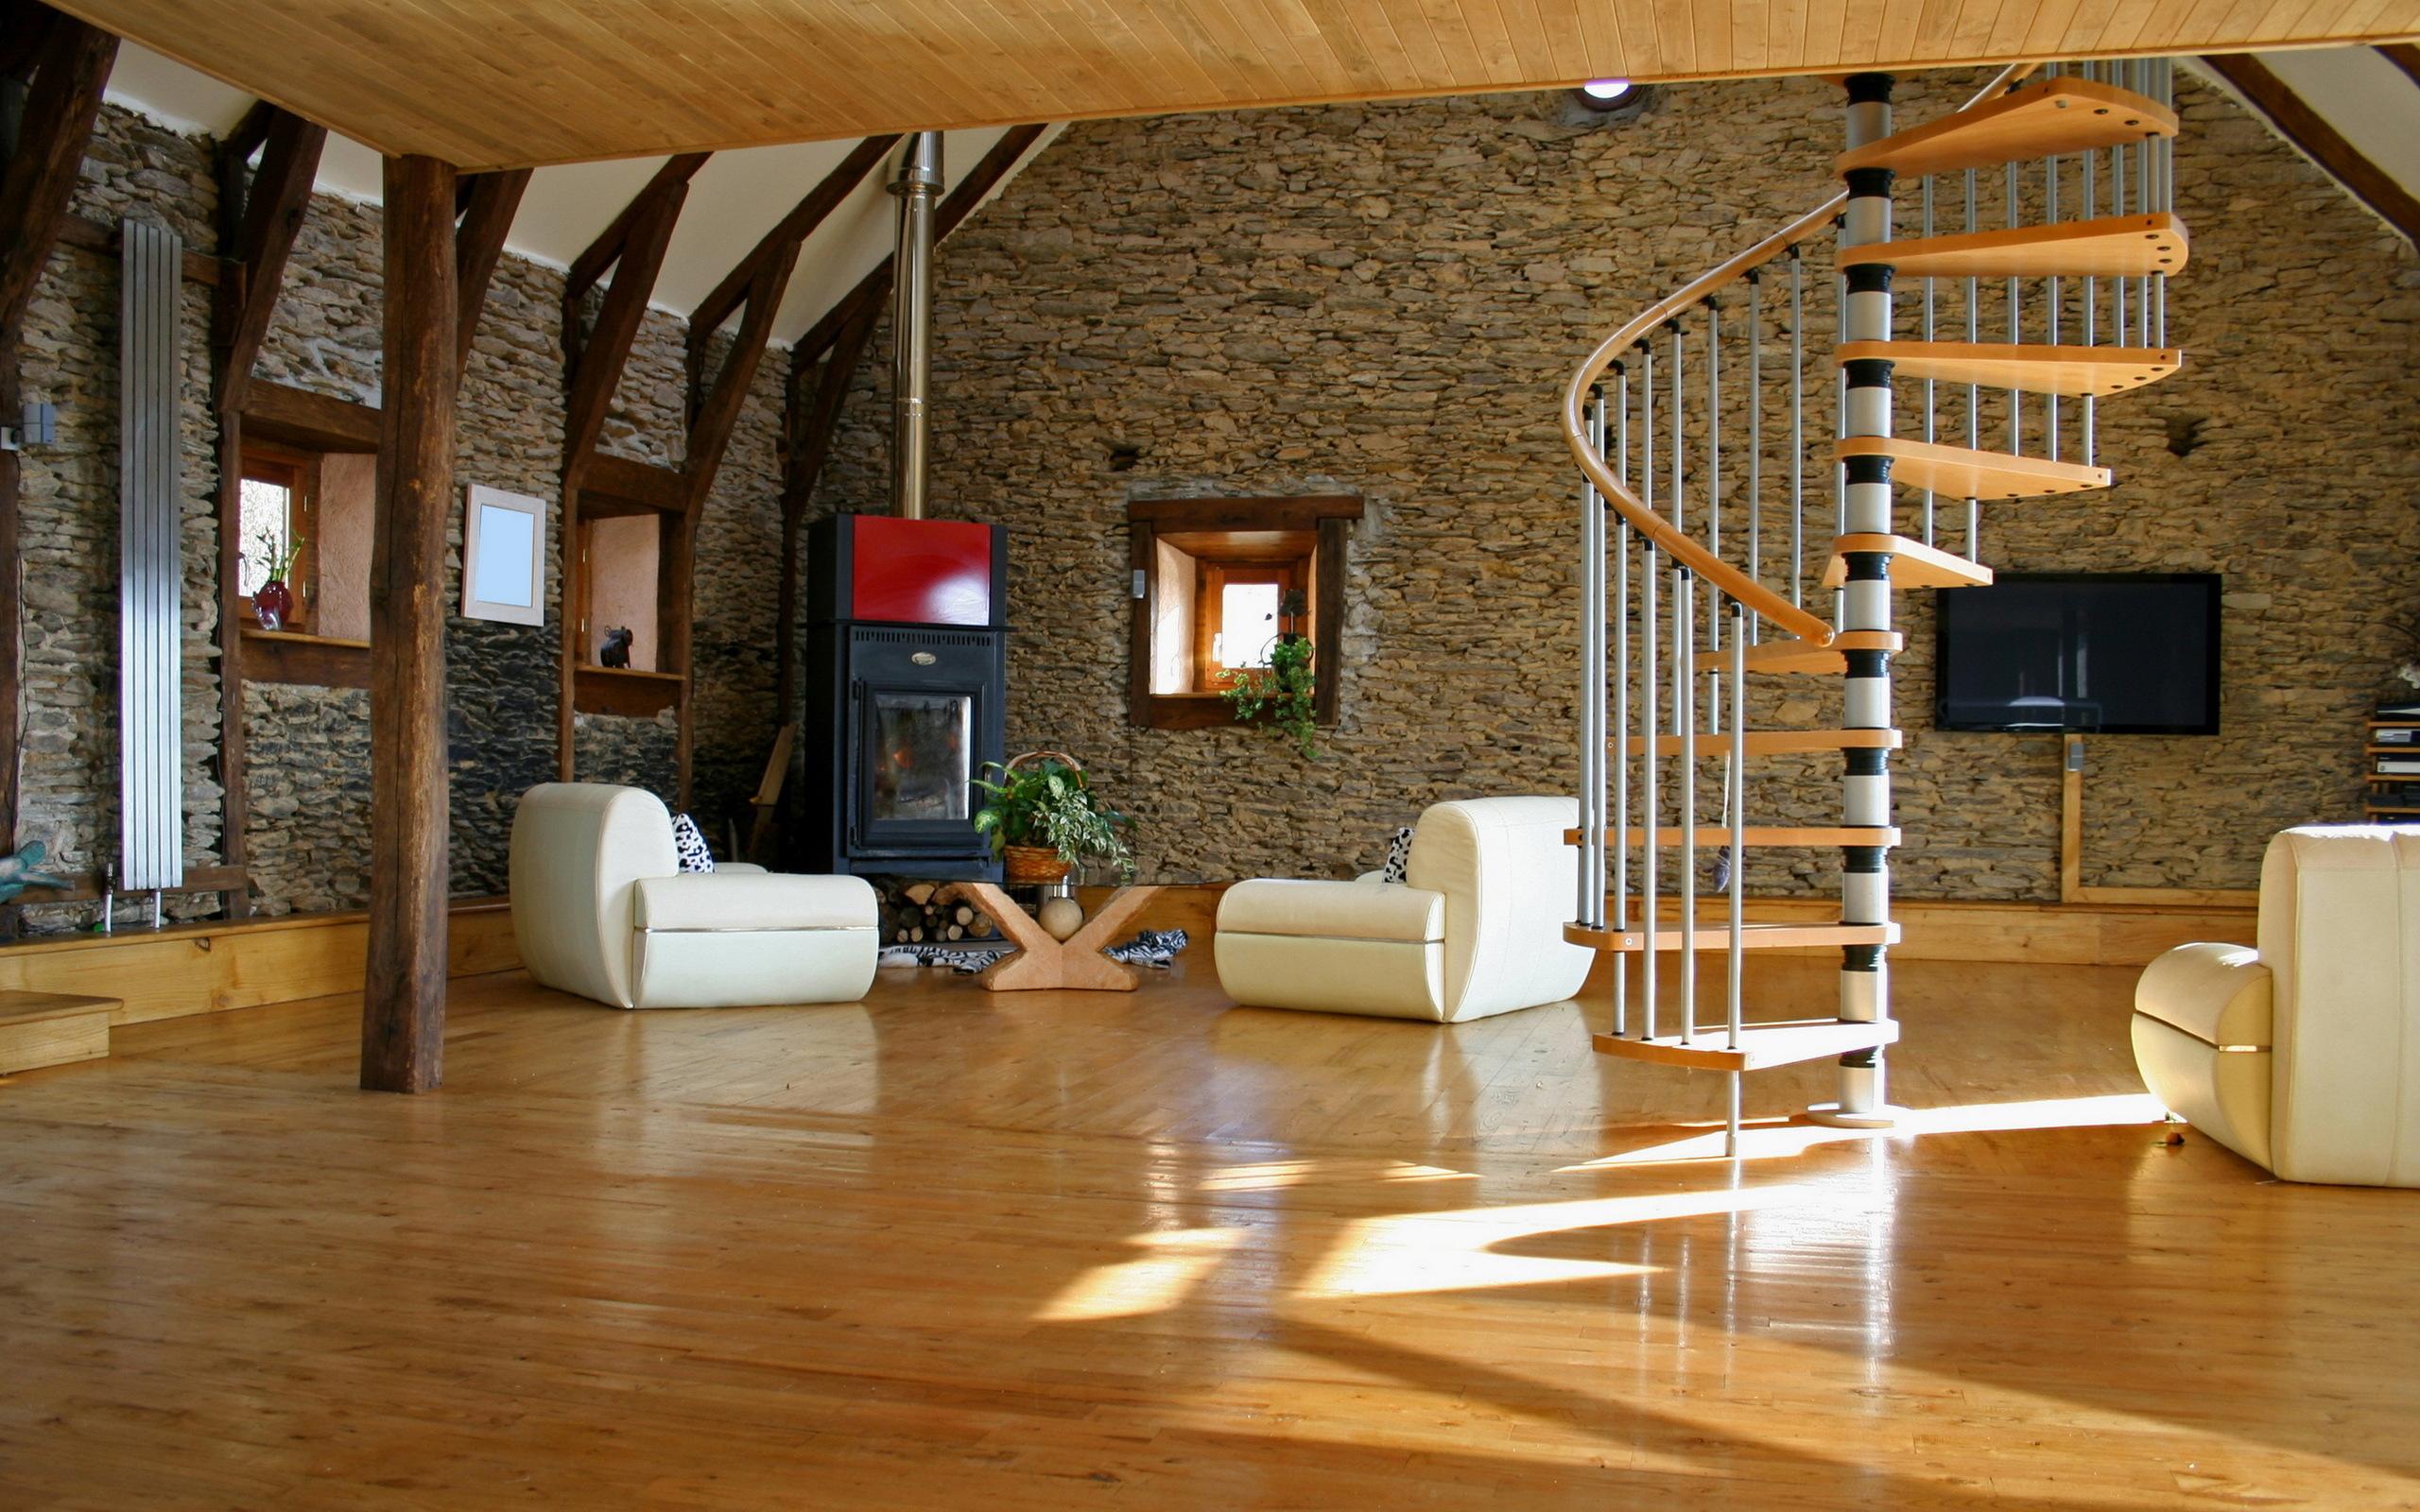 Bellos acabados interiores de casas - 2560x1600